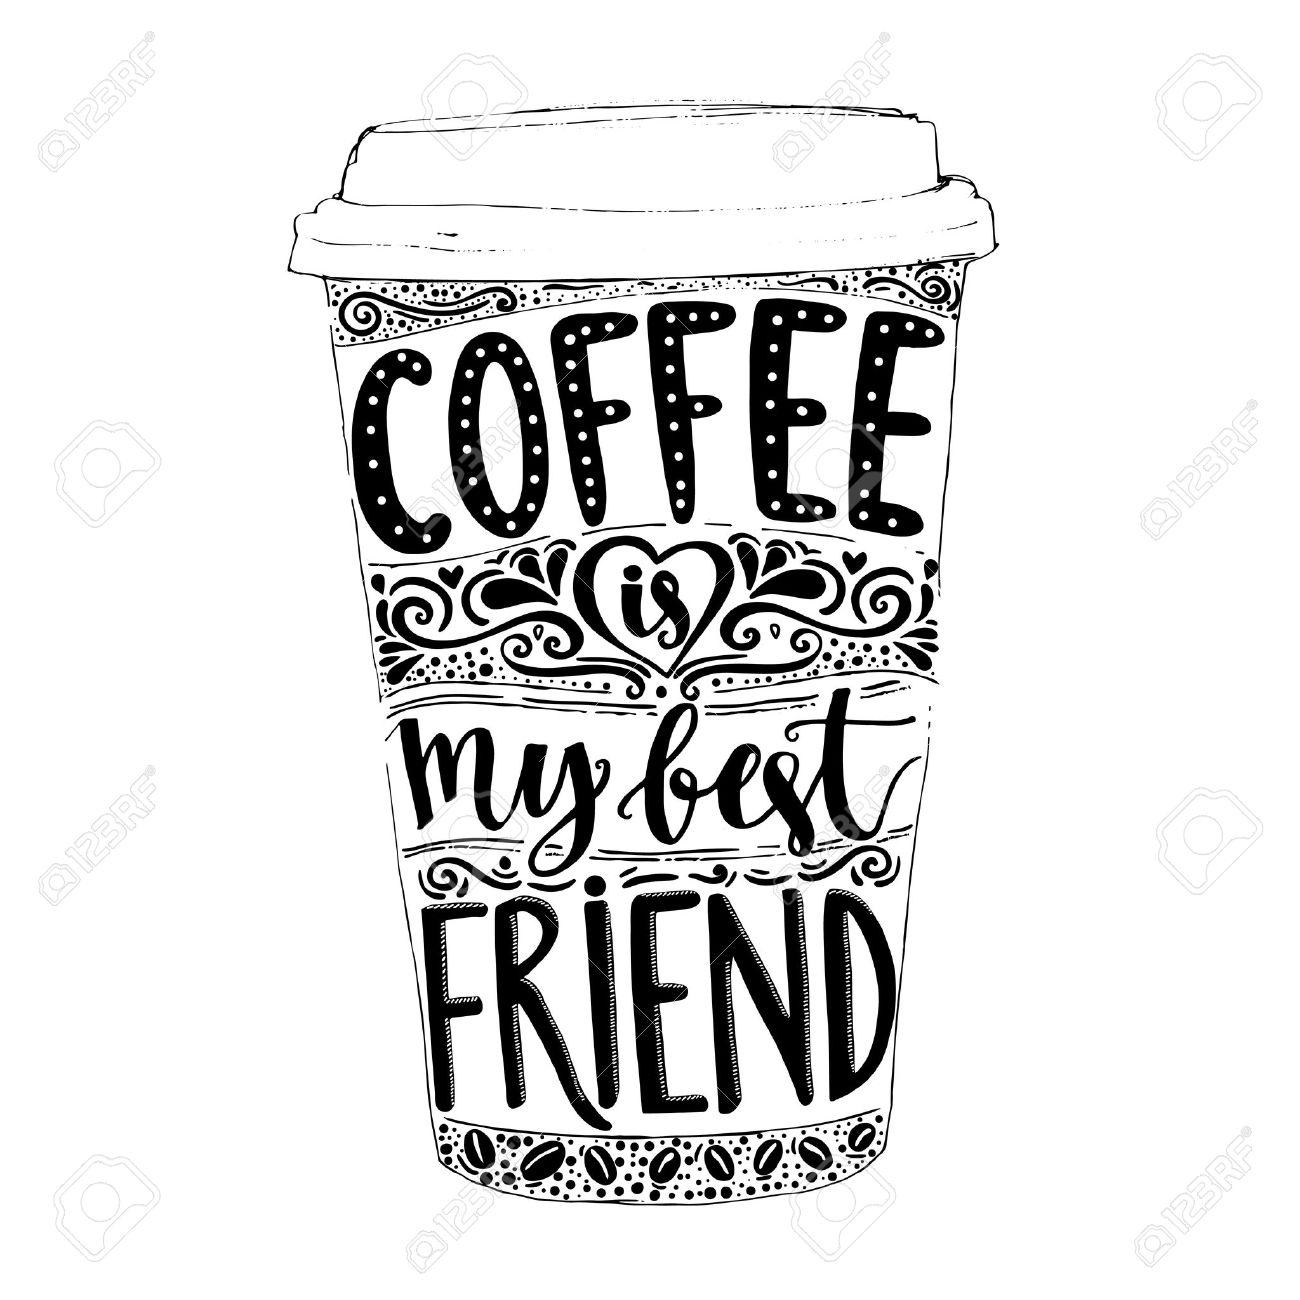 Le Cafe Est Mon Meilleur Ami Citant Fun Vecteur Lettrage Dans La Tasse De Cafe De Hauteur Otez Affiche De Cafe T Shirt Pour Les Accros A La Cafeine Vector Design Clip Art